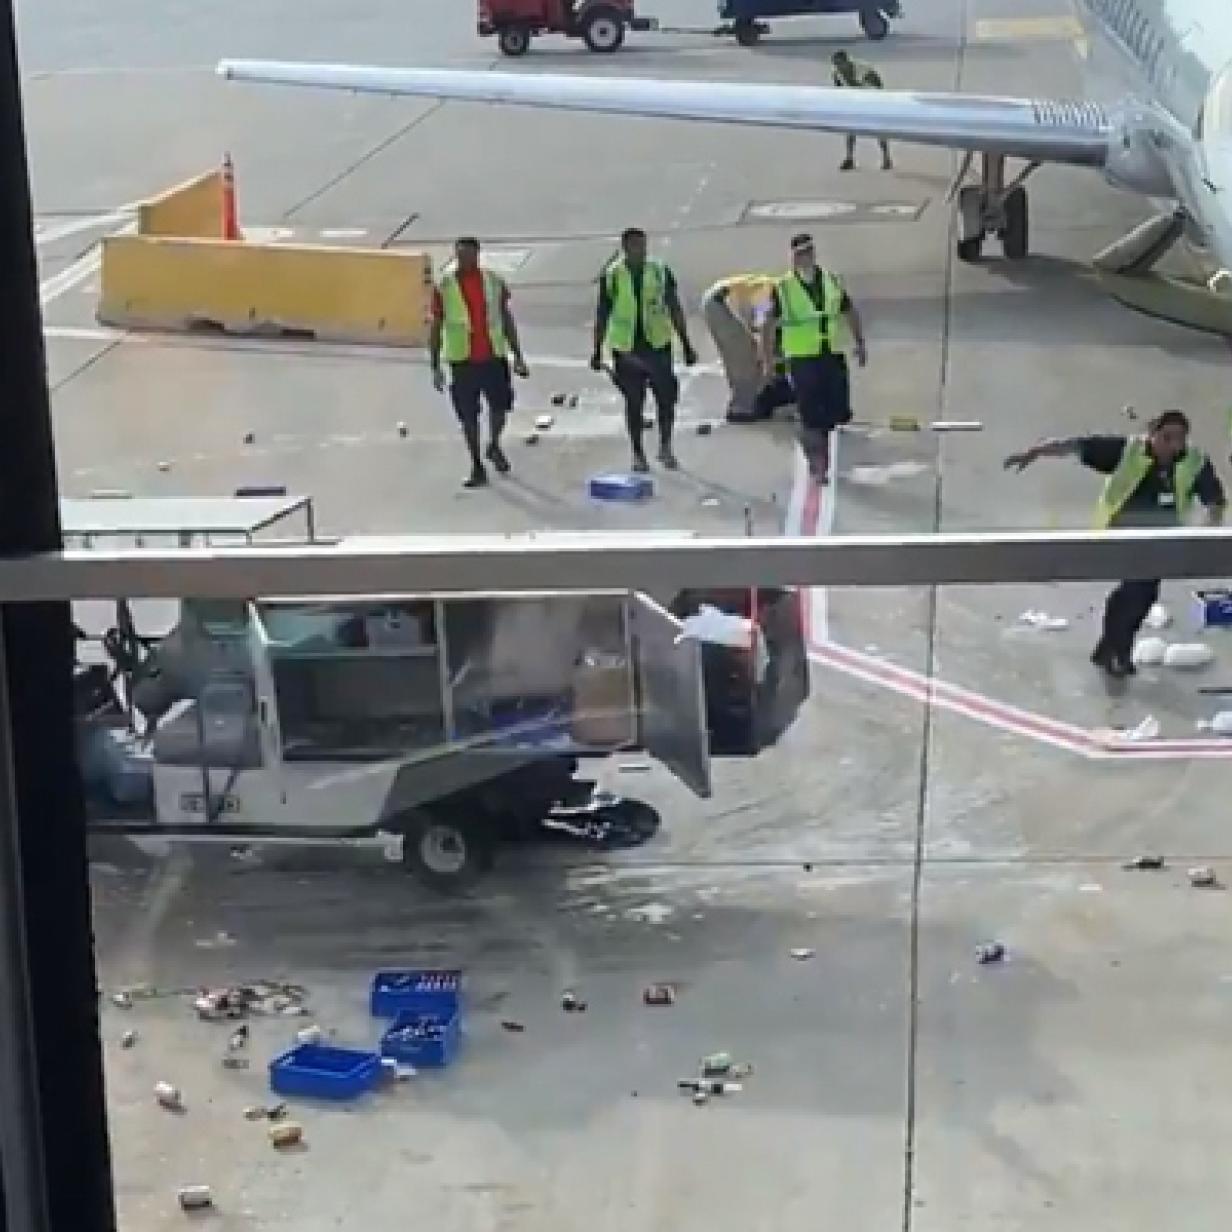 Ins Netz gegangen: Wenn am Flughafen ein Catering-Wagen durchdreht